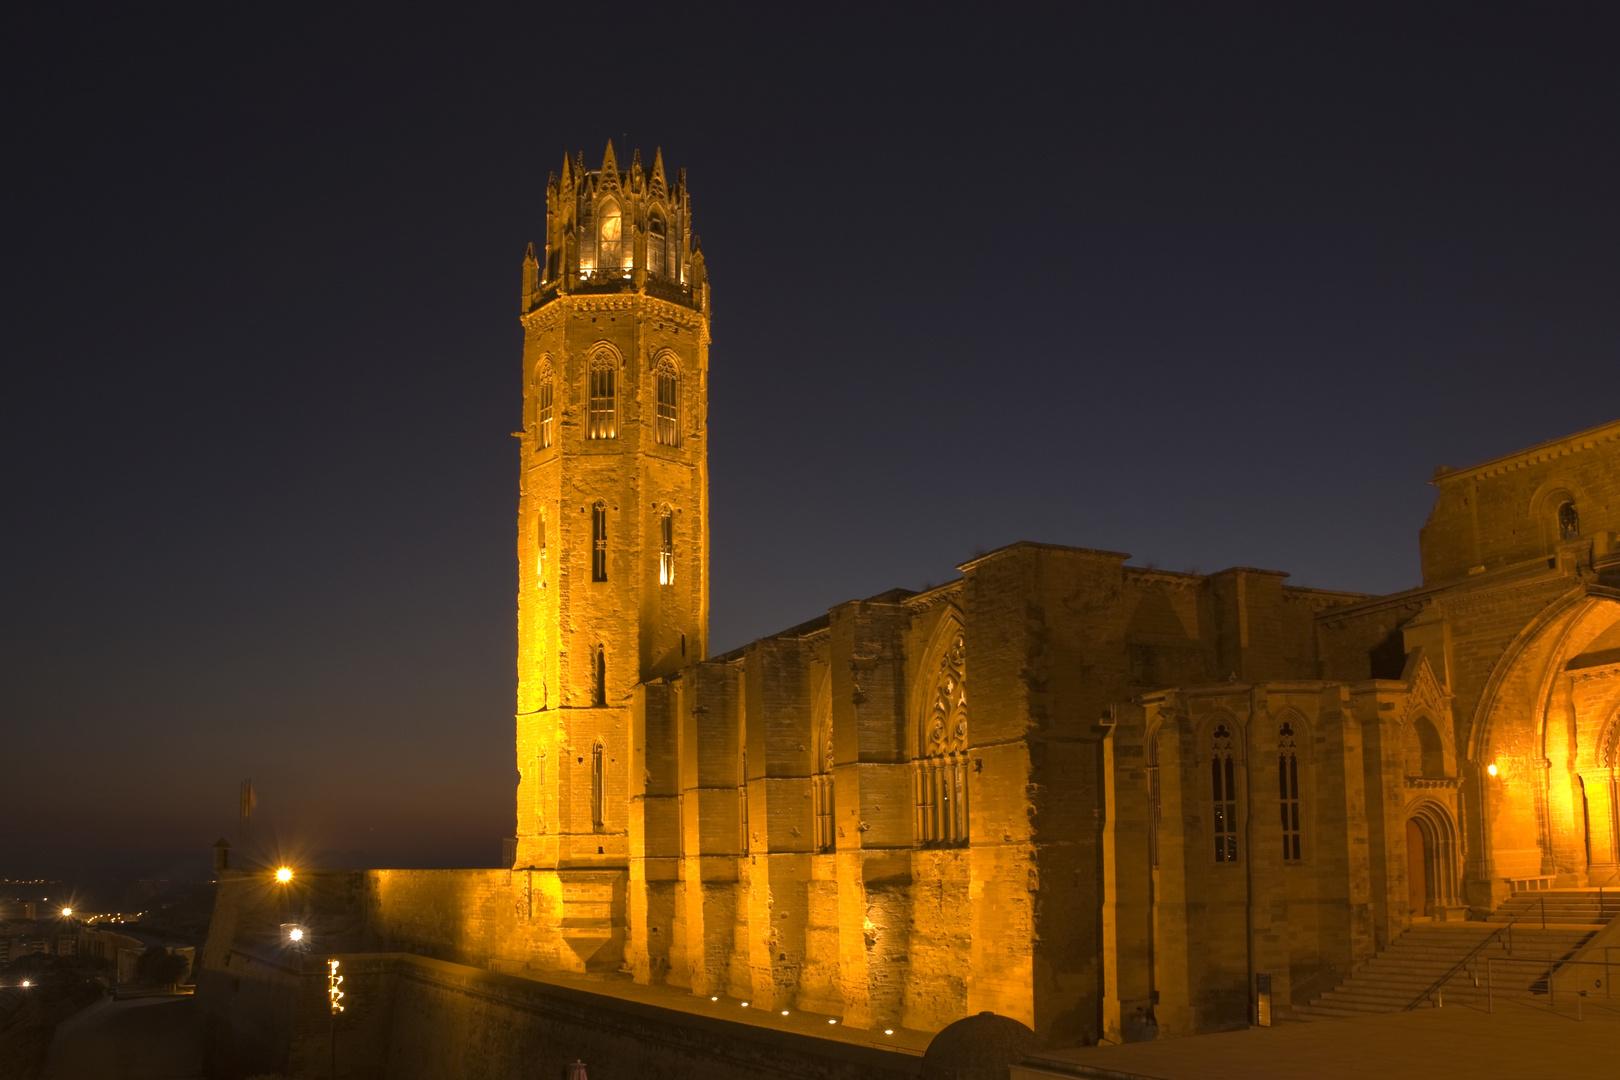 Seu Vella de Lleida nocturno 1